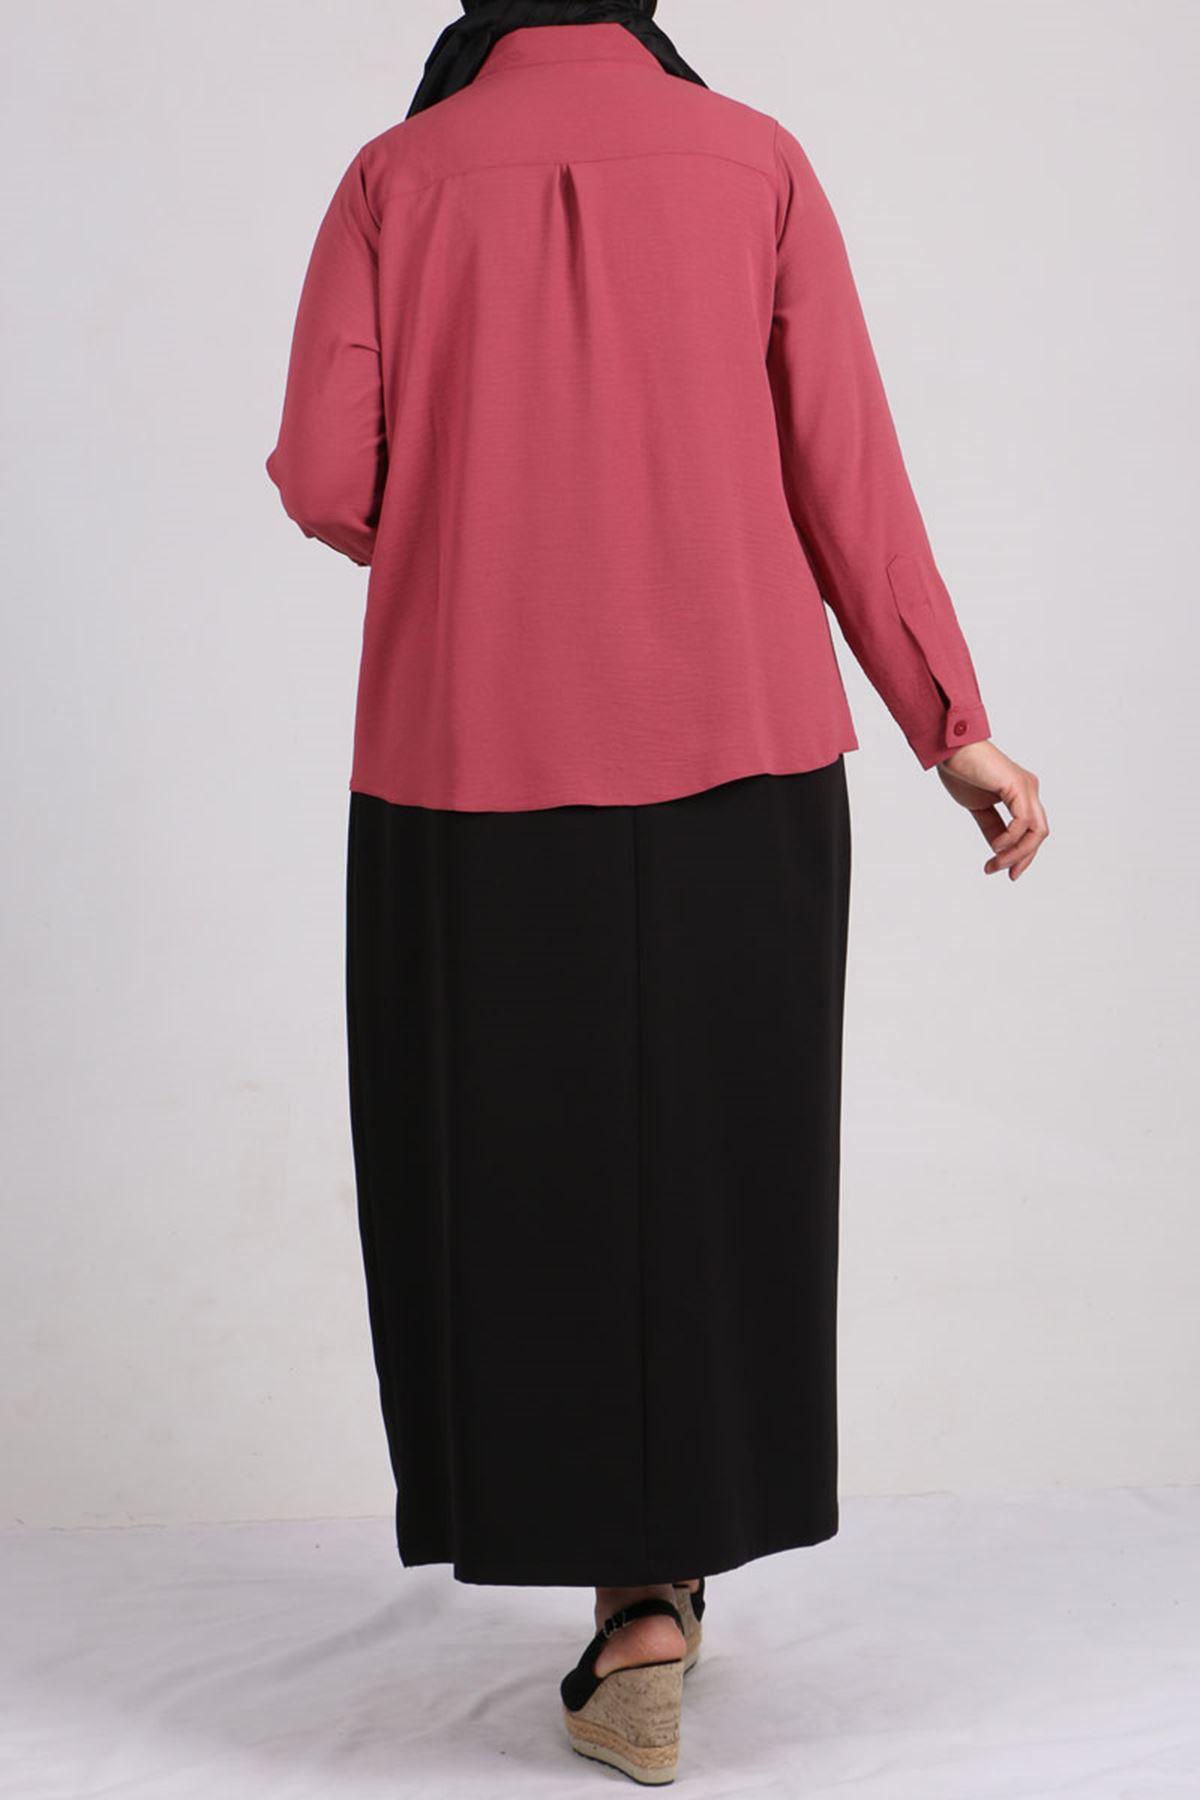 8449 Oversize Short Shirt - Dusty Rose